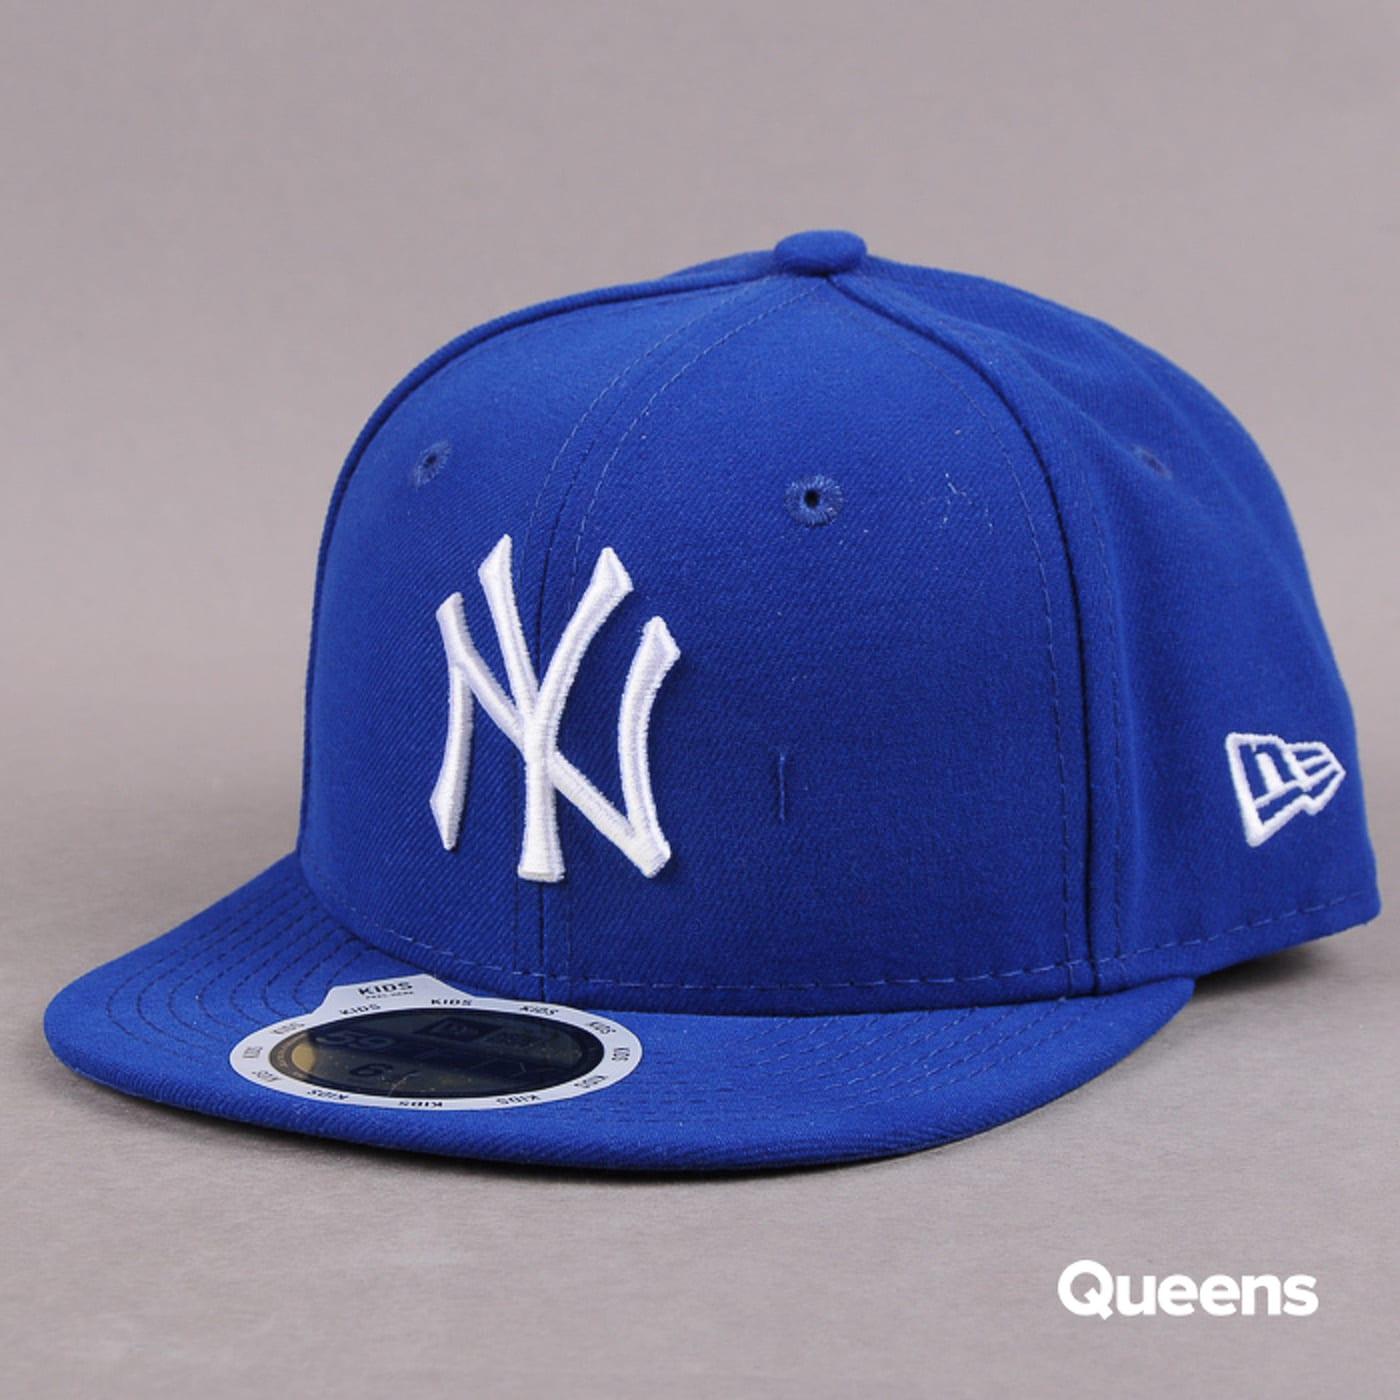 New Era Kids MLB League Basic NY blau